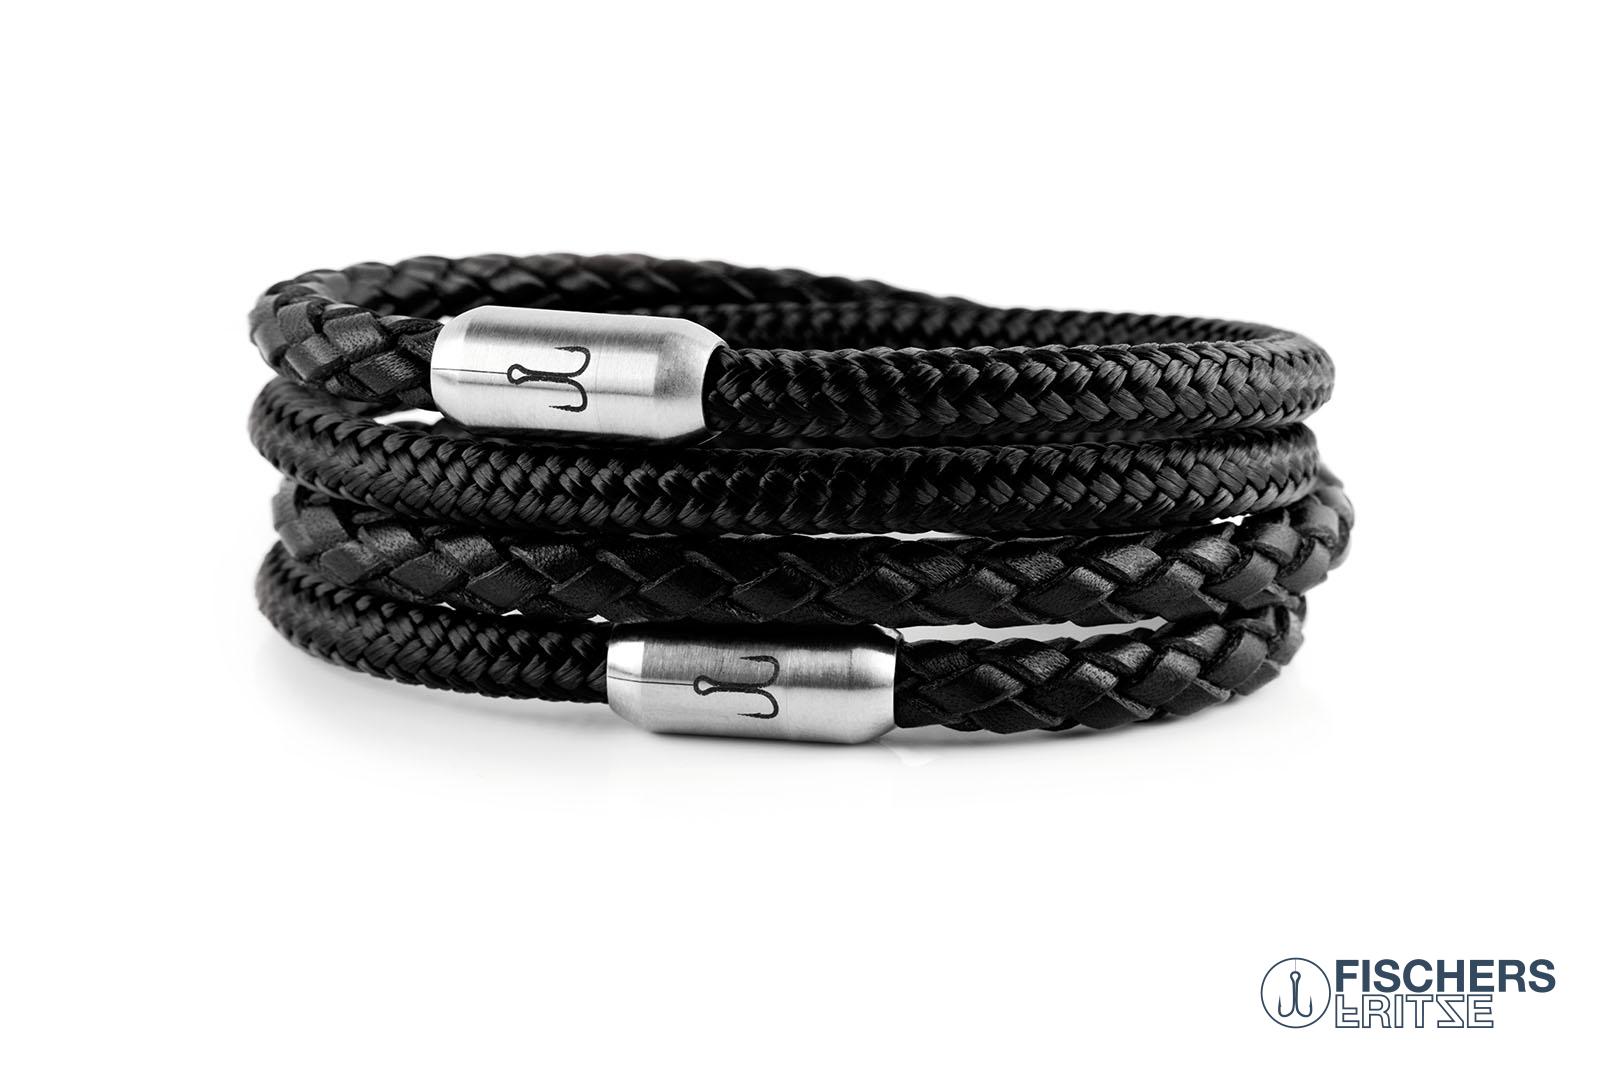 armband-fischers-fritze-kombigarnele-schwarz-geflochten-schwarz-leder-segeltau